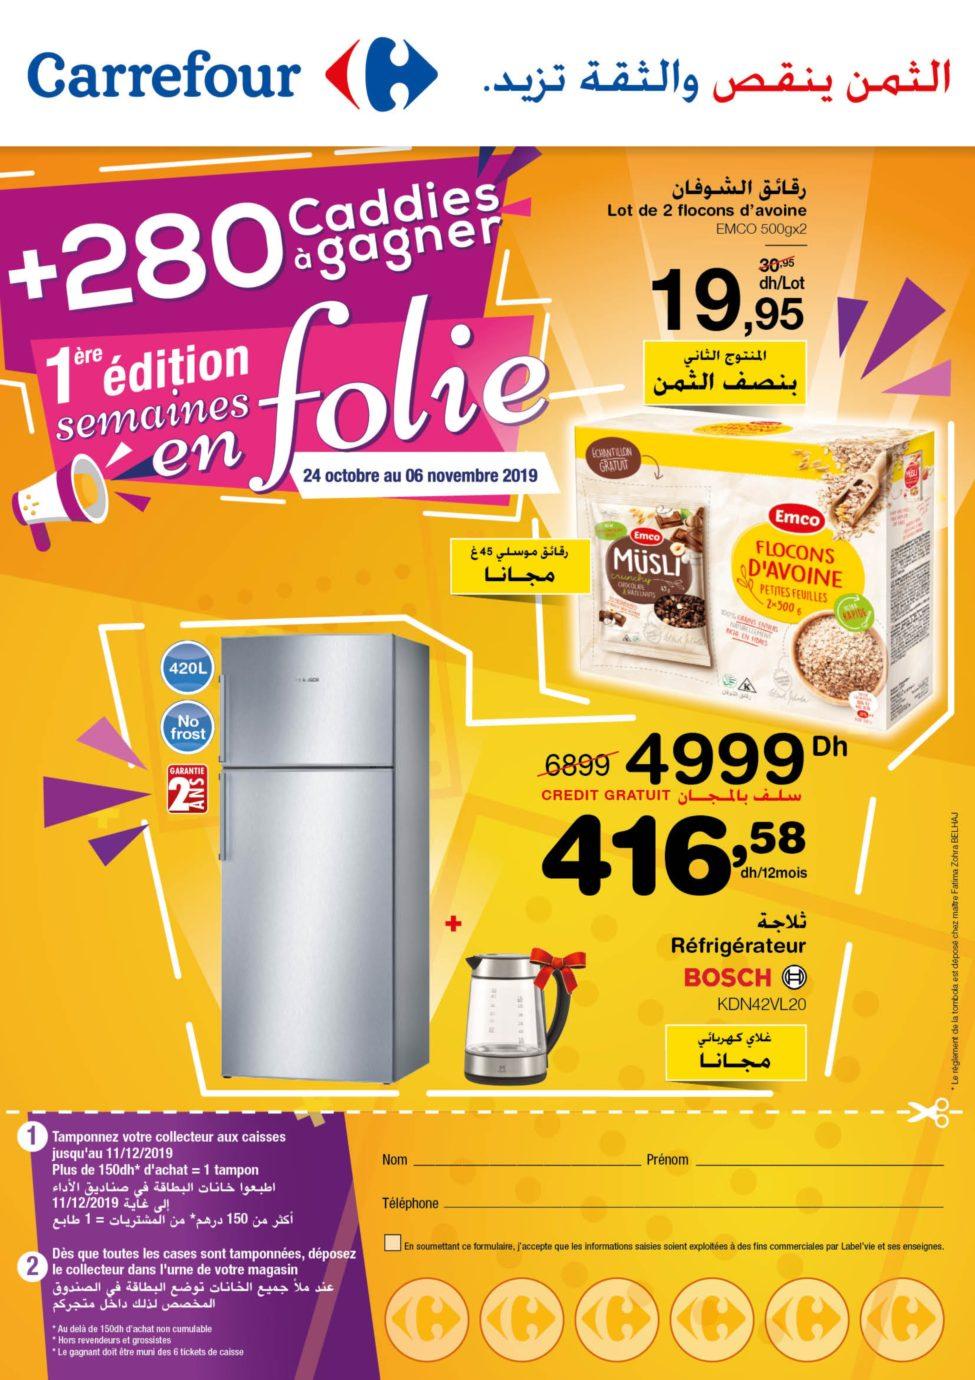 Catalogue Carrefour Maroc Semaine en folie du 24 Octobre au 6 Novembre 2019